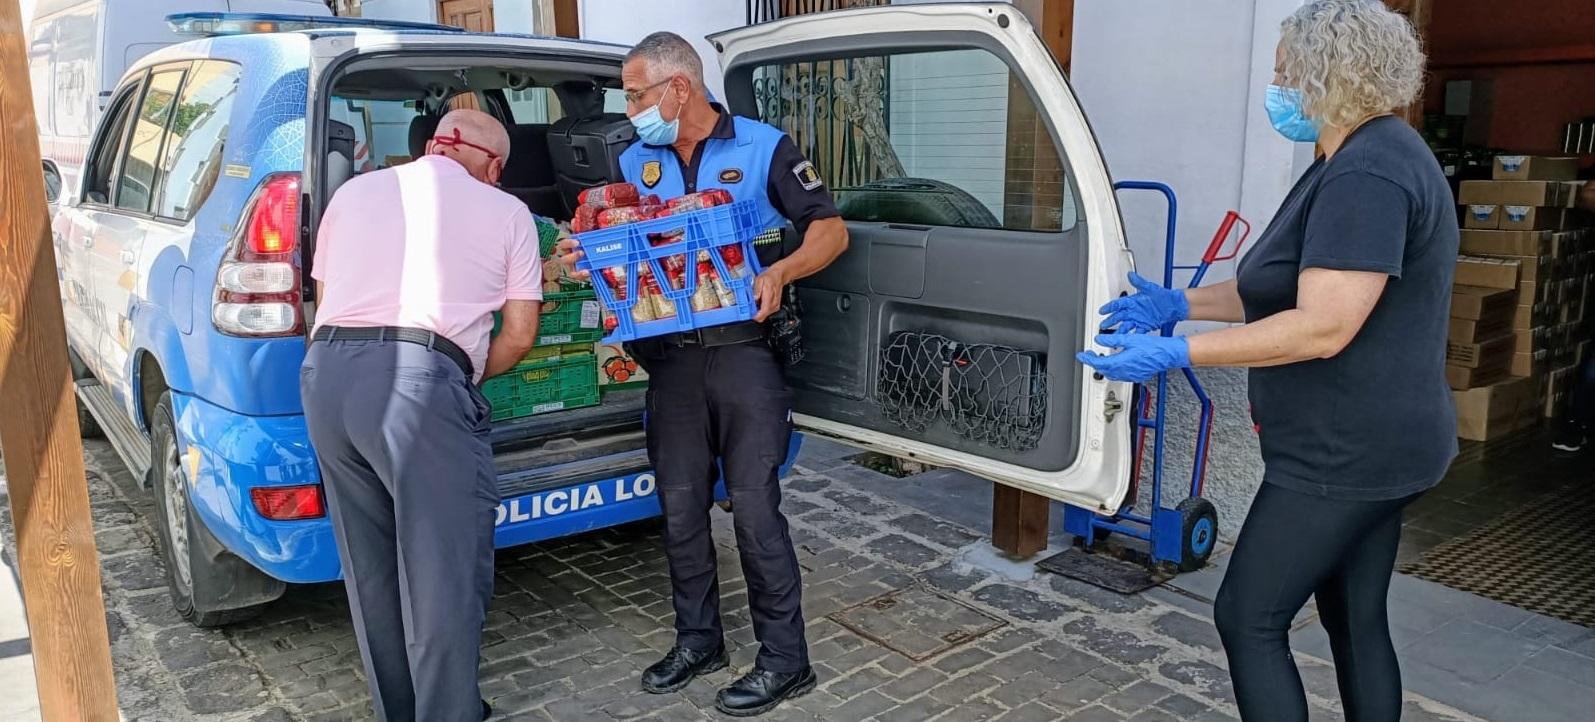 Policías de Santa Brígida entregan al Almacén de Alimentos una donación.